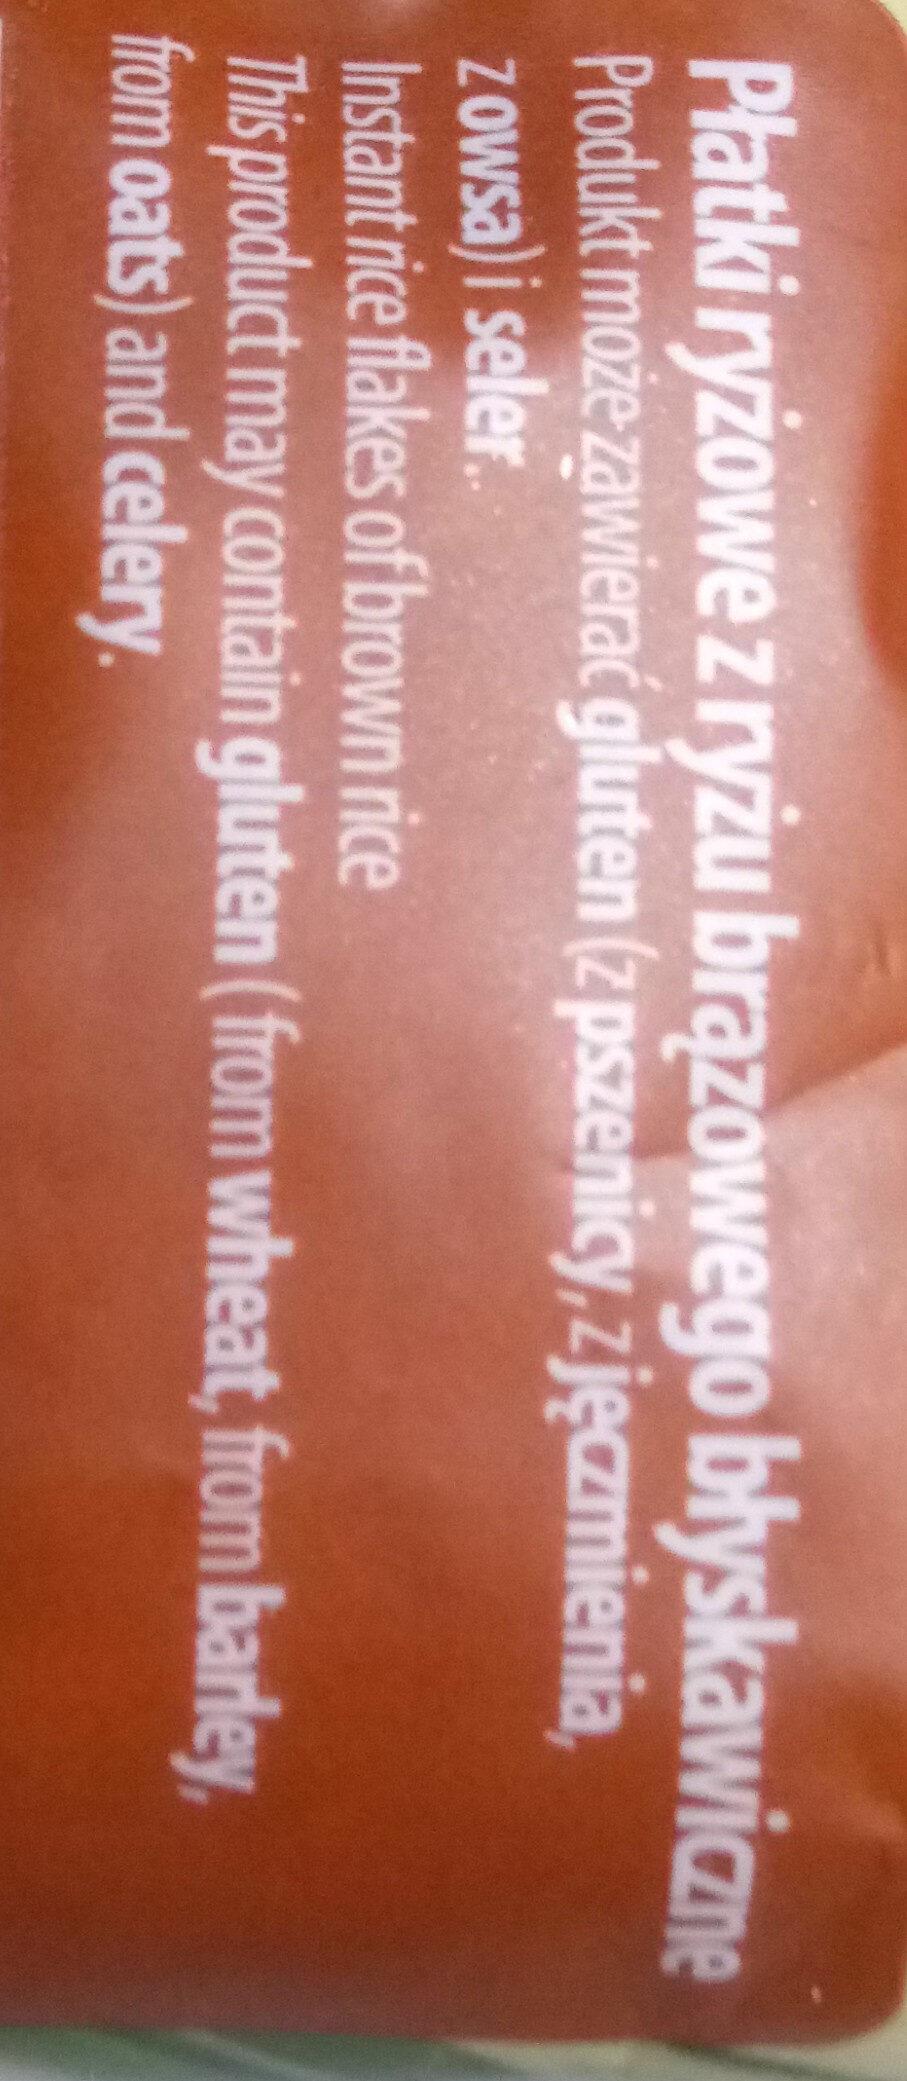 Płatki z ryżu brązowego - Składniki - pl